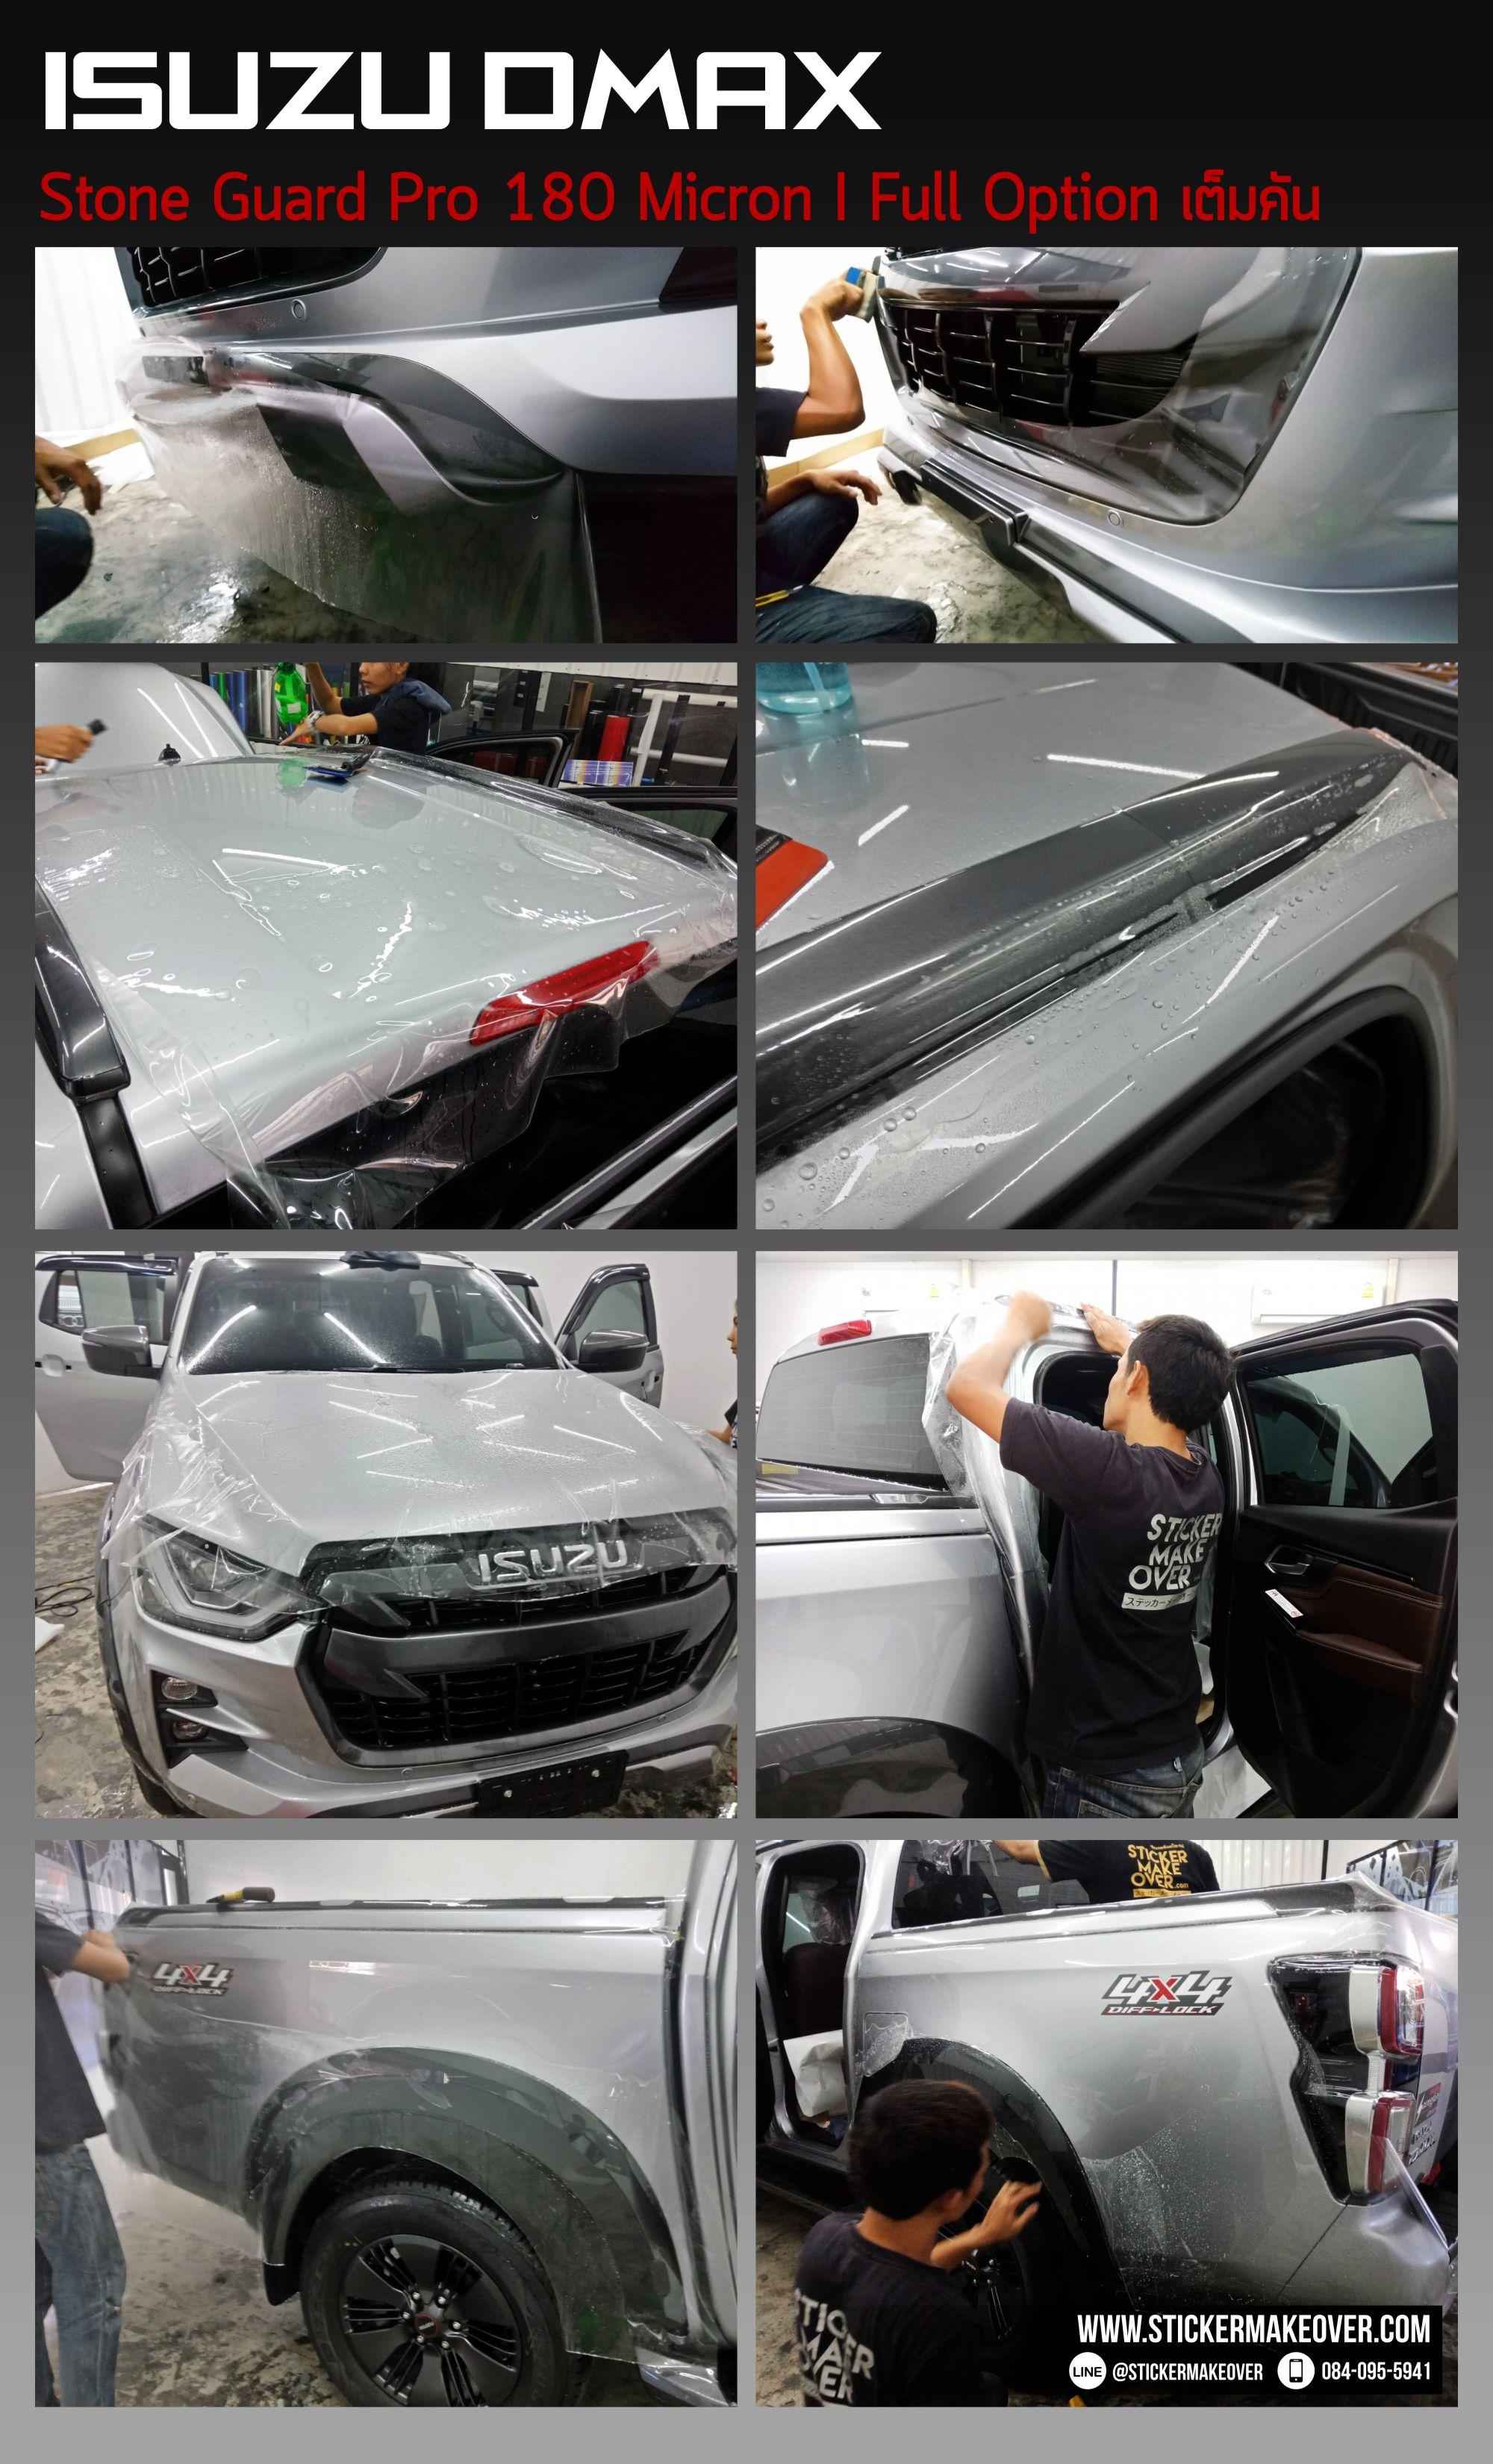 ฟิล์มใสกันรอยรถยนต์ ฟิล์มใสกันสะเก็ดหิน ฟิล์มปกป้องสีรถ paint protection film ppf ฟิล์มกันรอย isuzu dmax